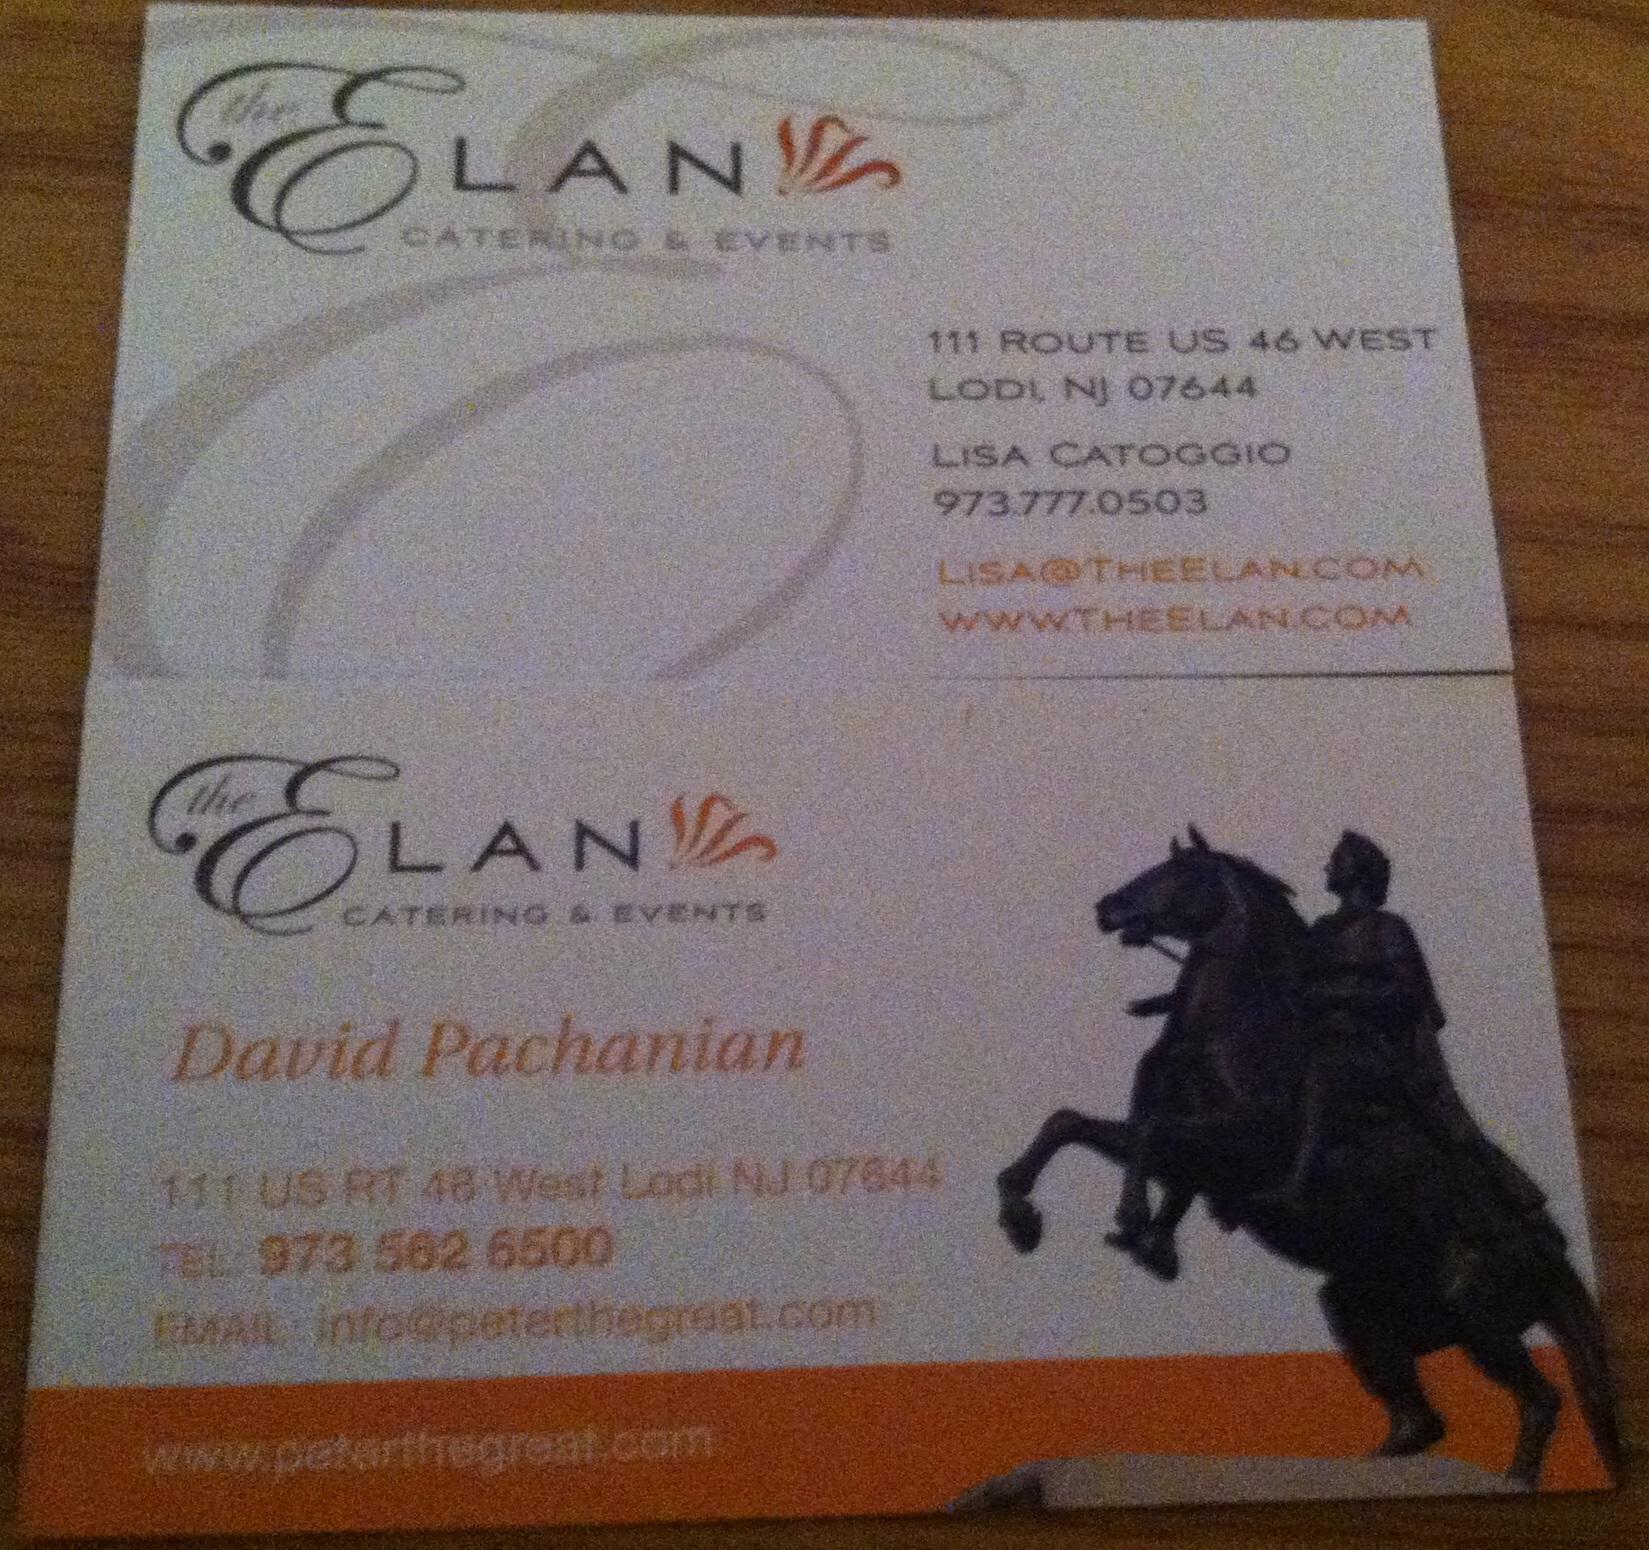 The Elan